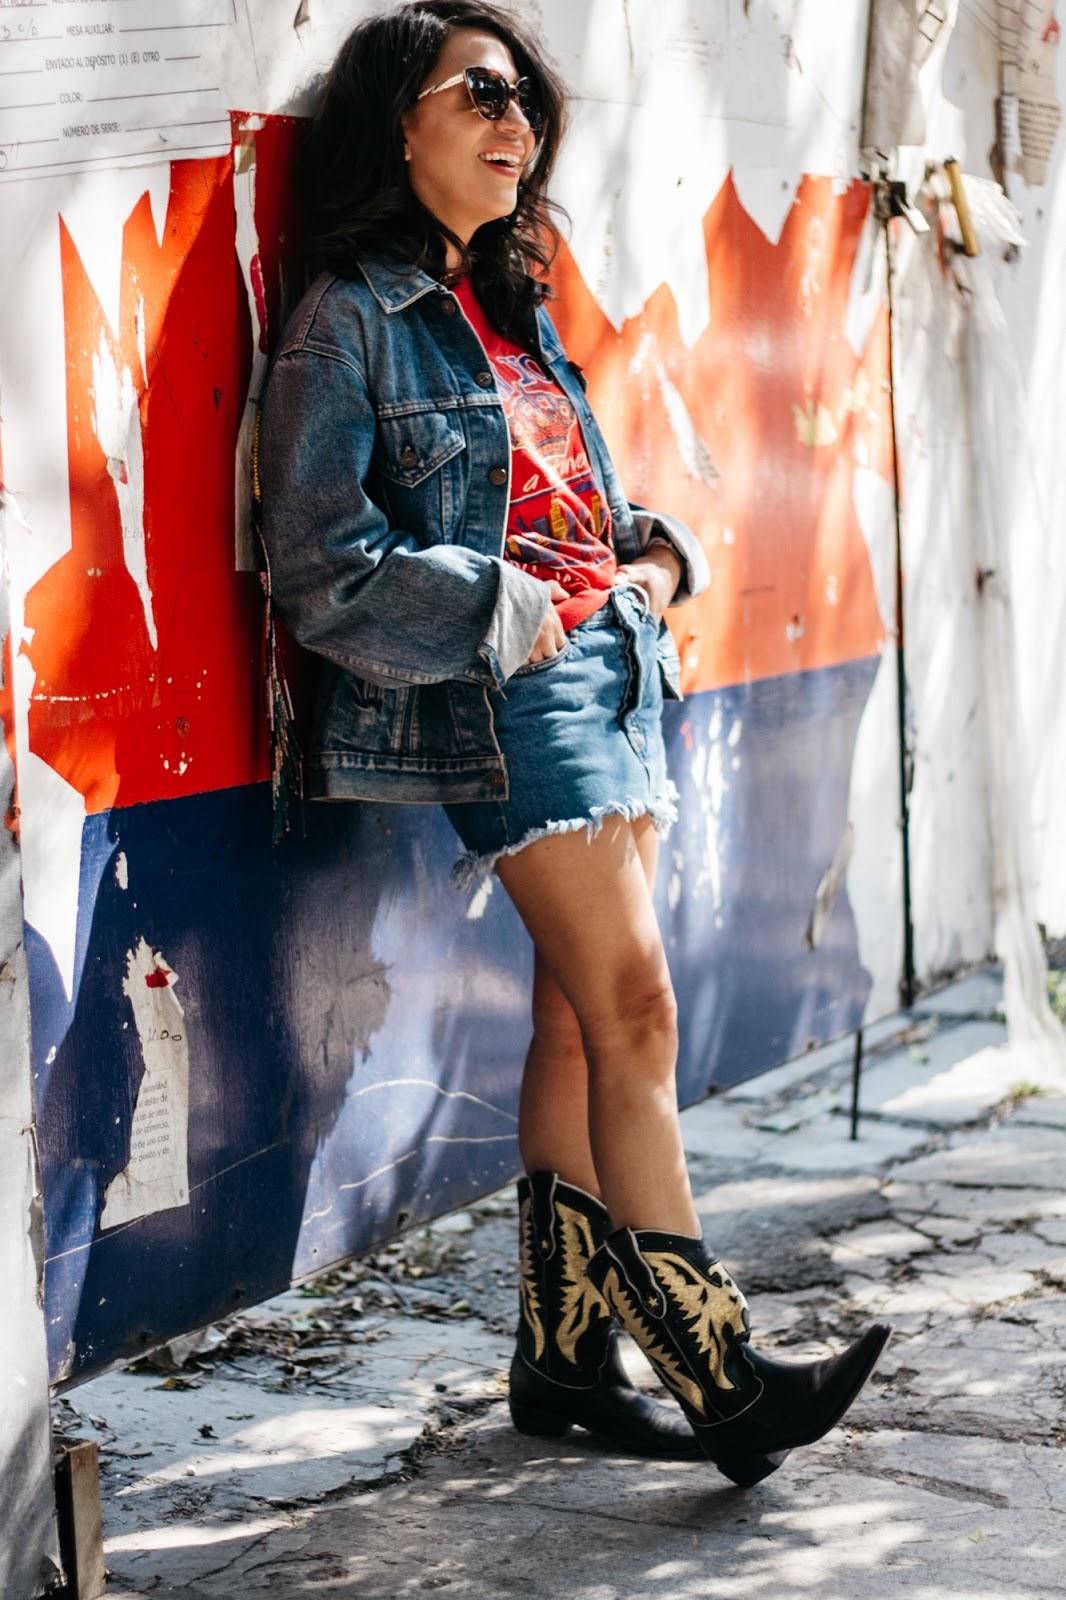 Rockstar - High on Fashion